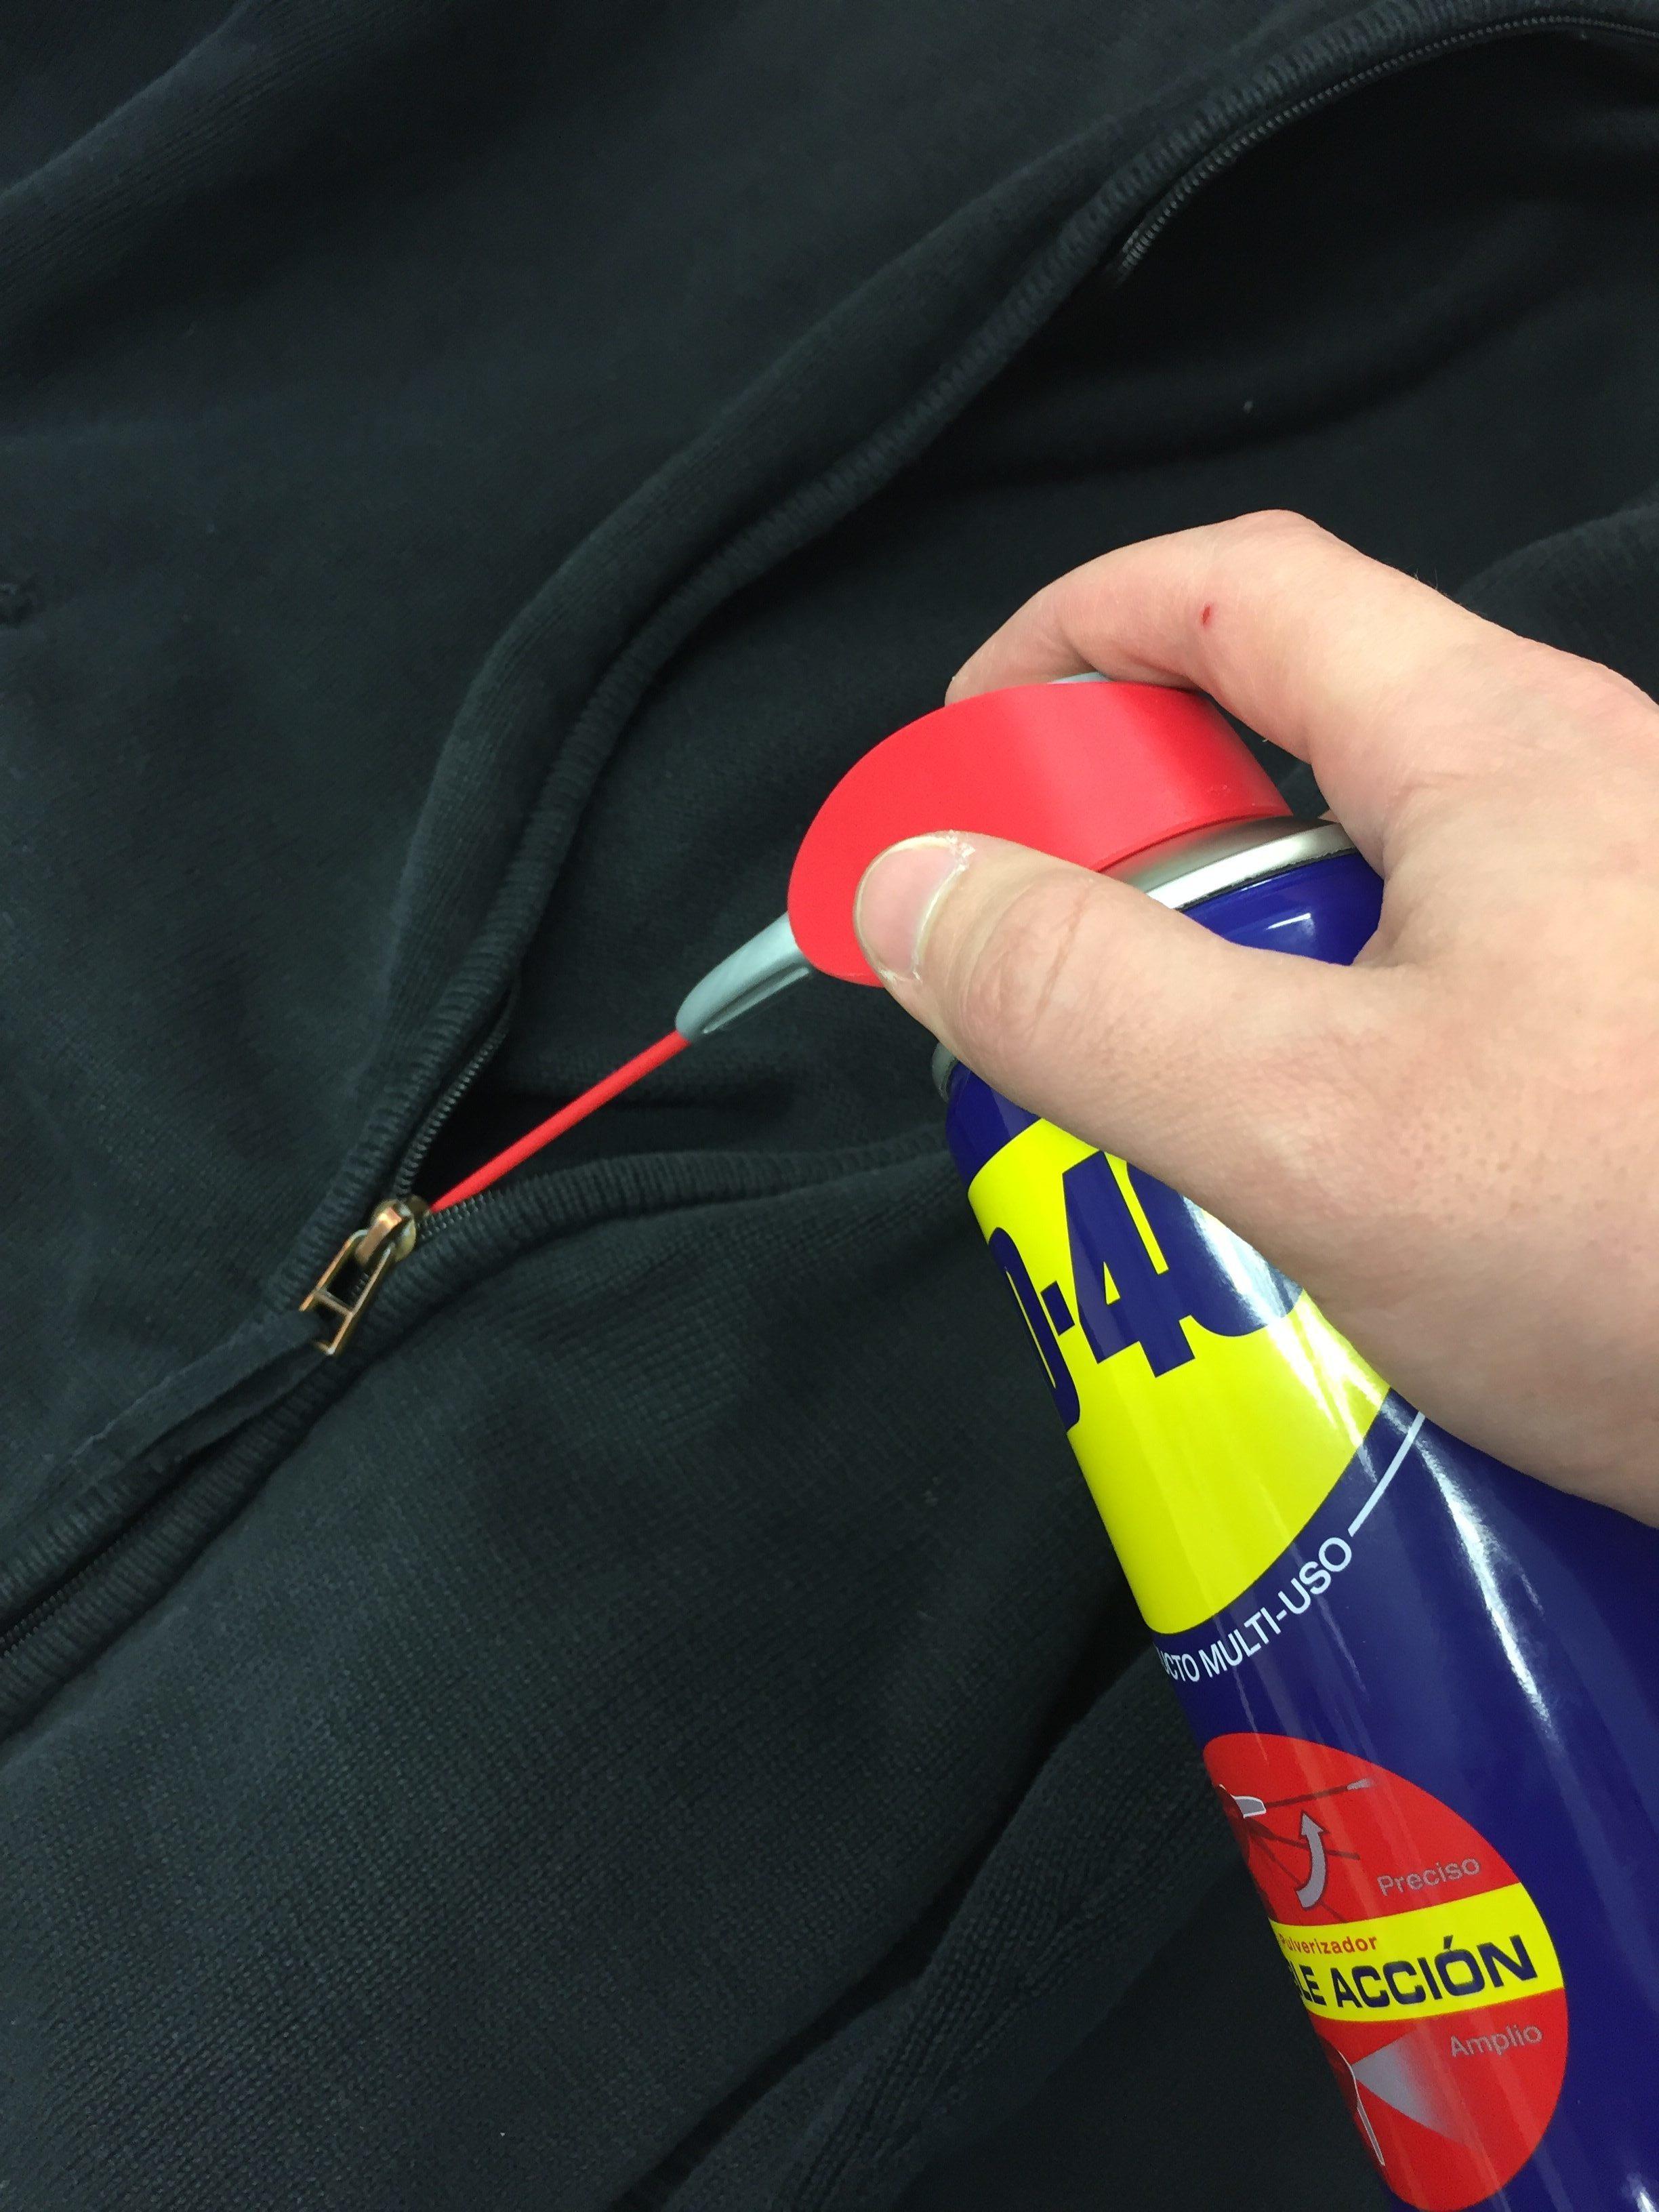 Cómo arreglar una cremallera atascada, con facilidad